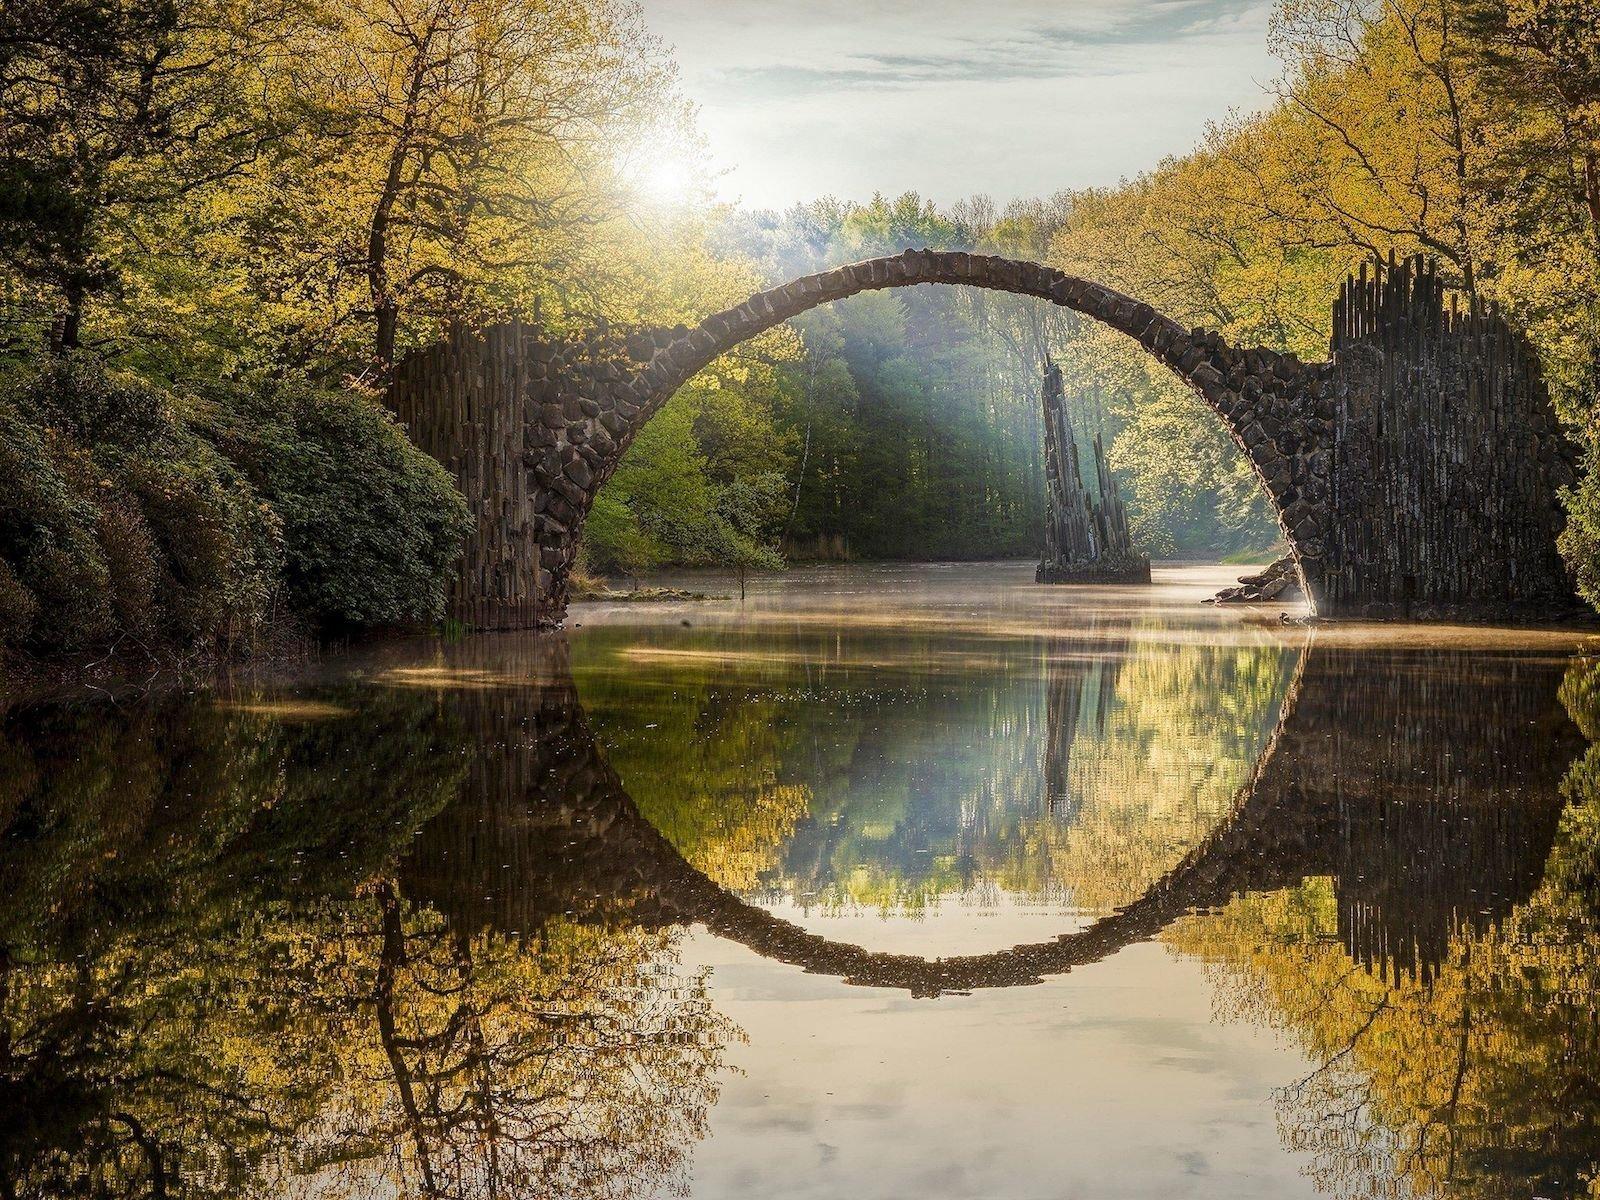 Мост Ракоц, Германия красивые места, мир, природа, путешествия, сказка